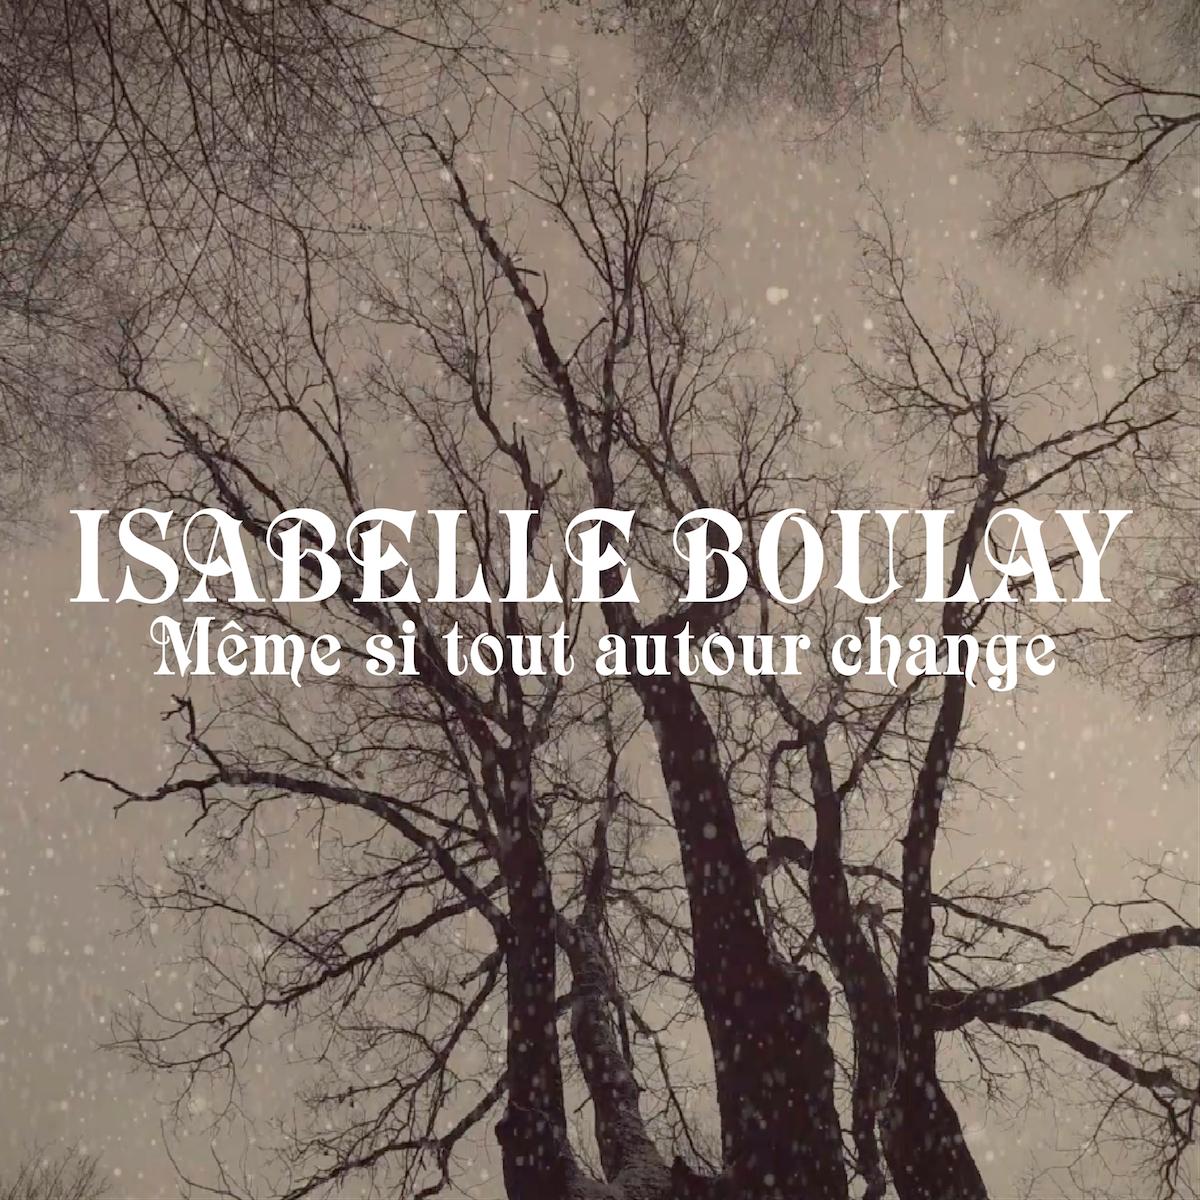 ISABELLE BOULAY : «Même si tout autour change» en vidéo